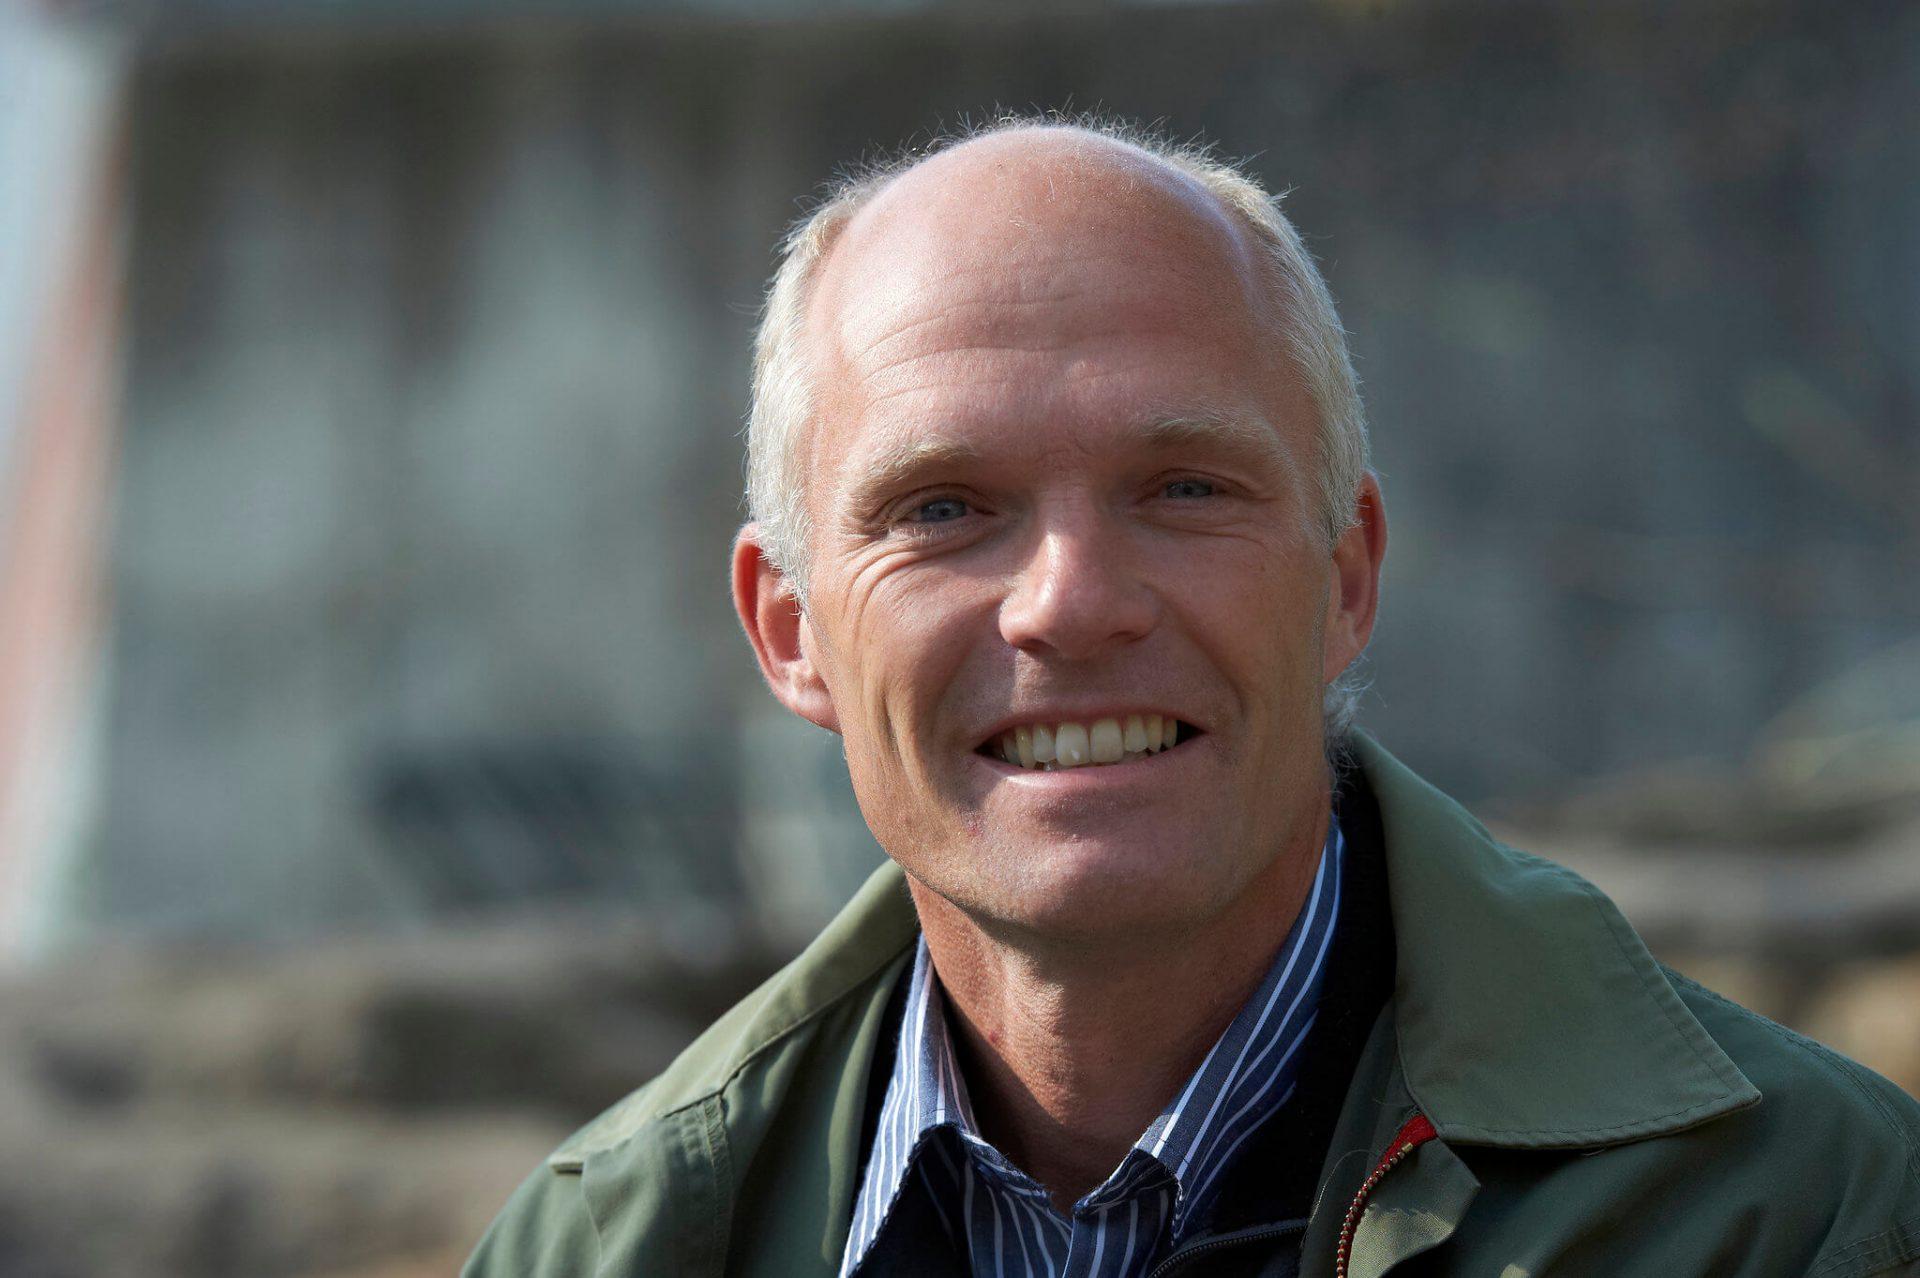 Bjarne Klausen forlader Den Blå Planet for at blive direktør hos Odense ZOO. Bjarne Klausen tiltræder 1. oktober 2018. (Foto: Odense ZOO)